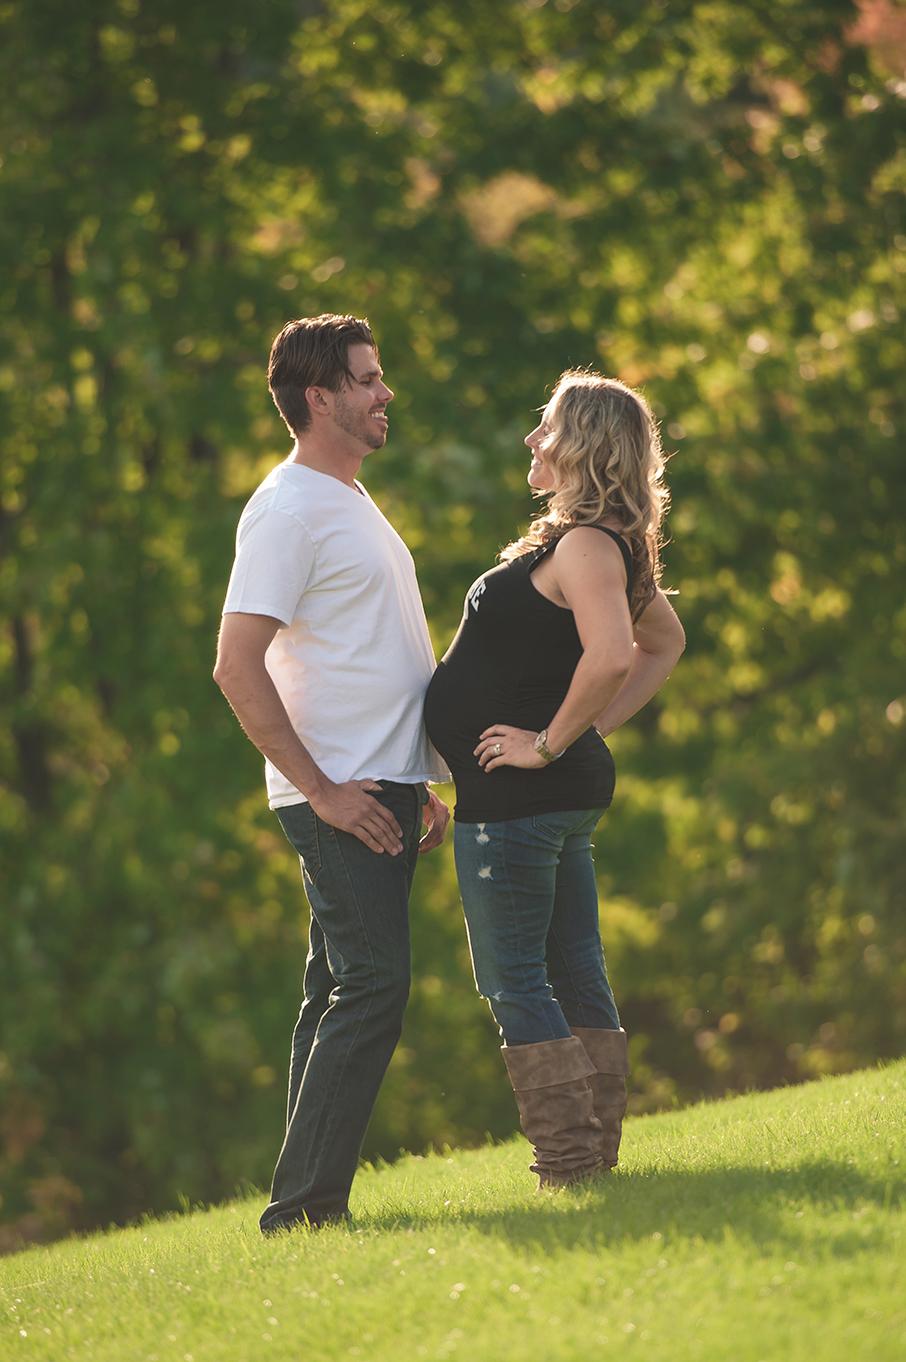 Stephanie&Joe_Maternity-7.jpg